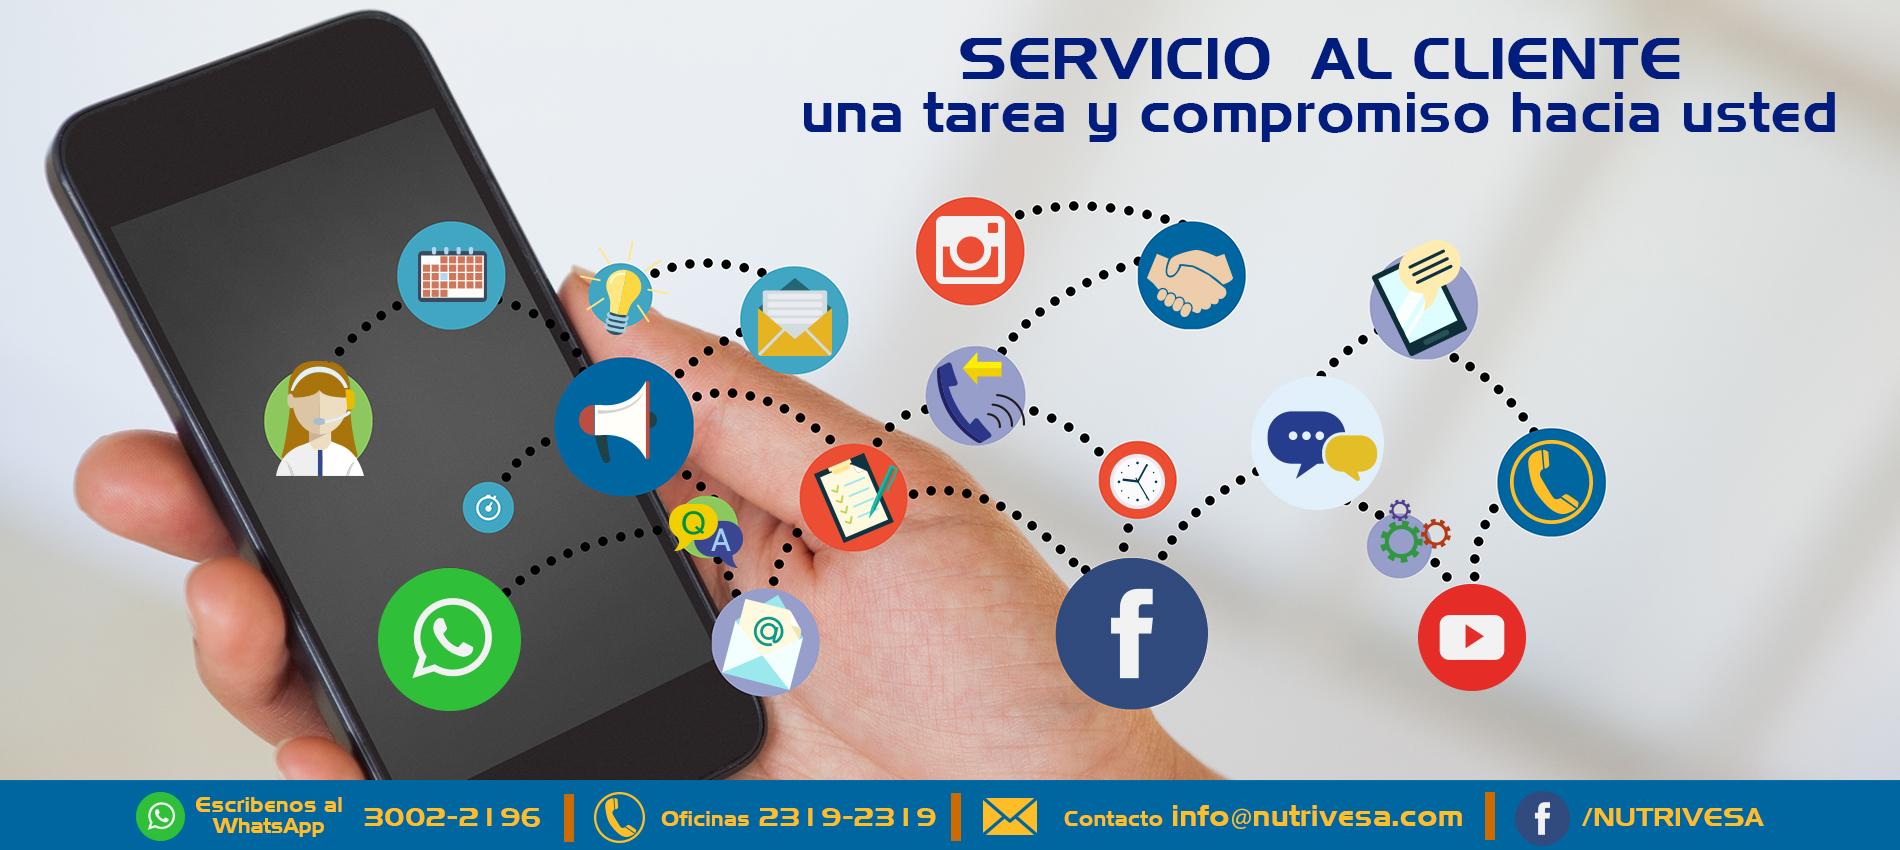 Servicio al Cliente Nutrivesa | Nutrivesa